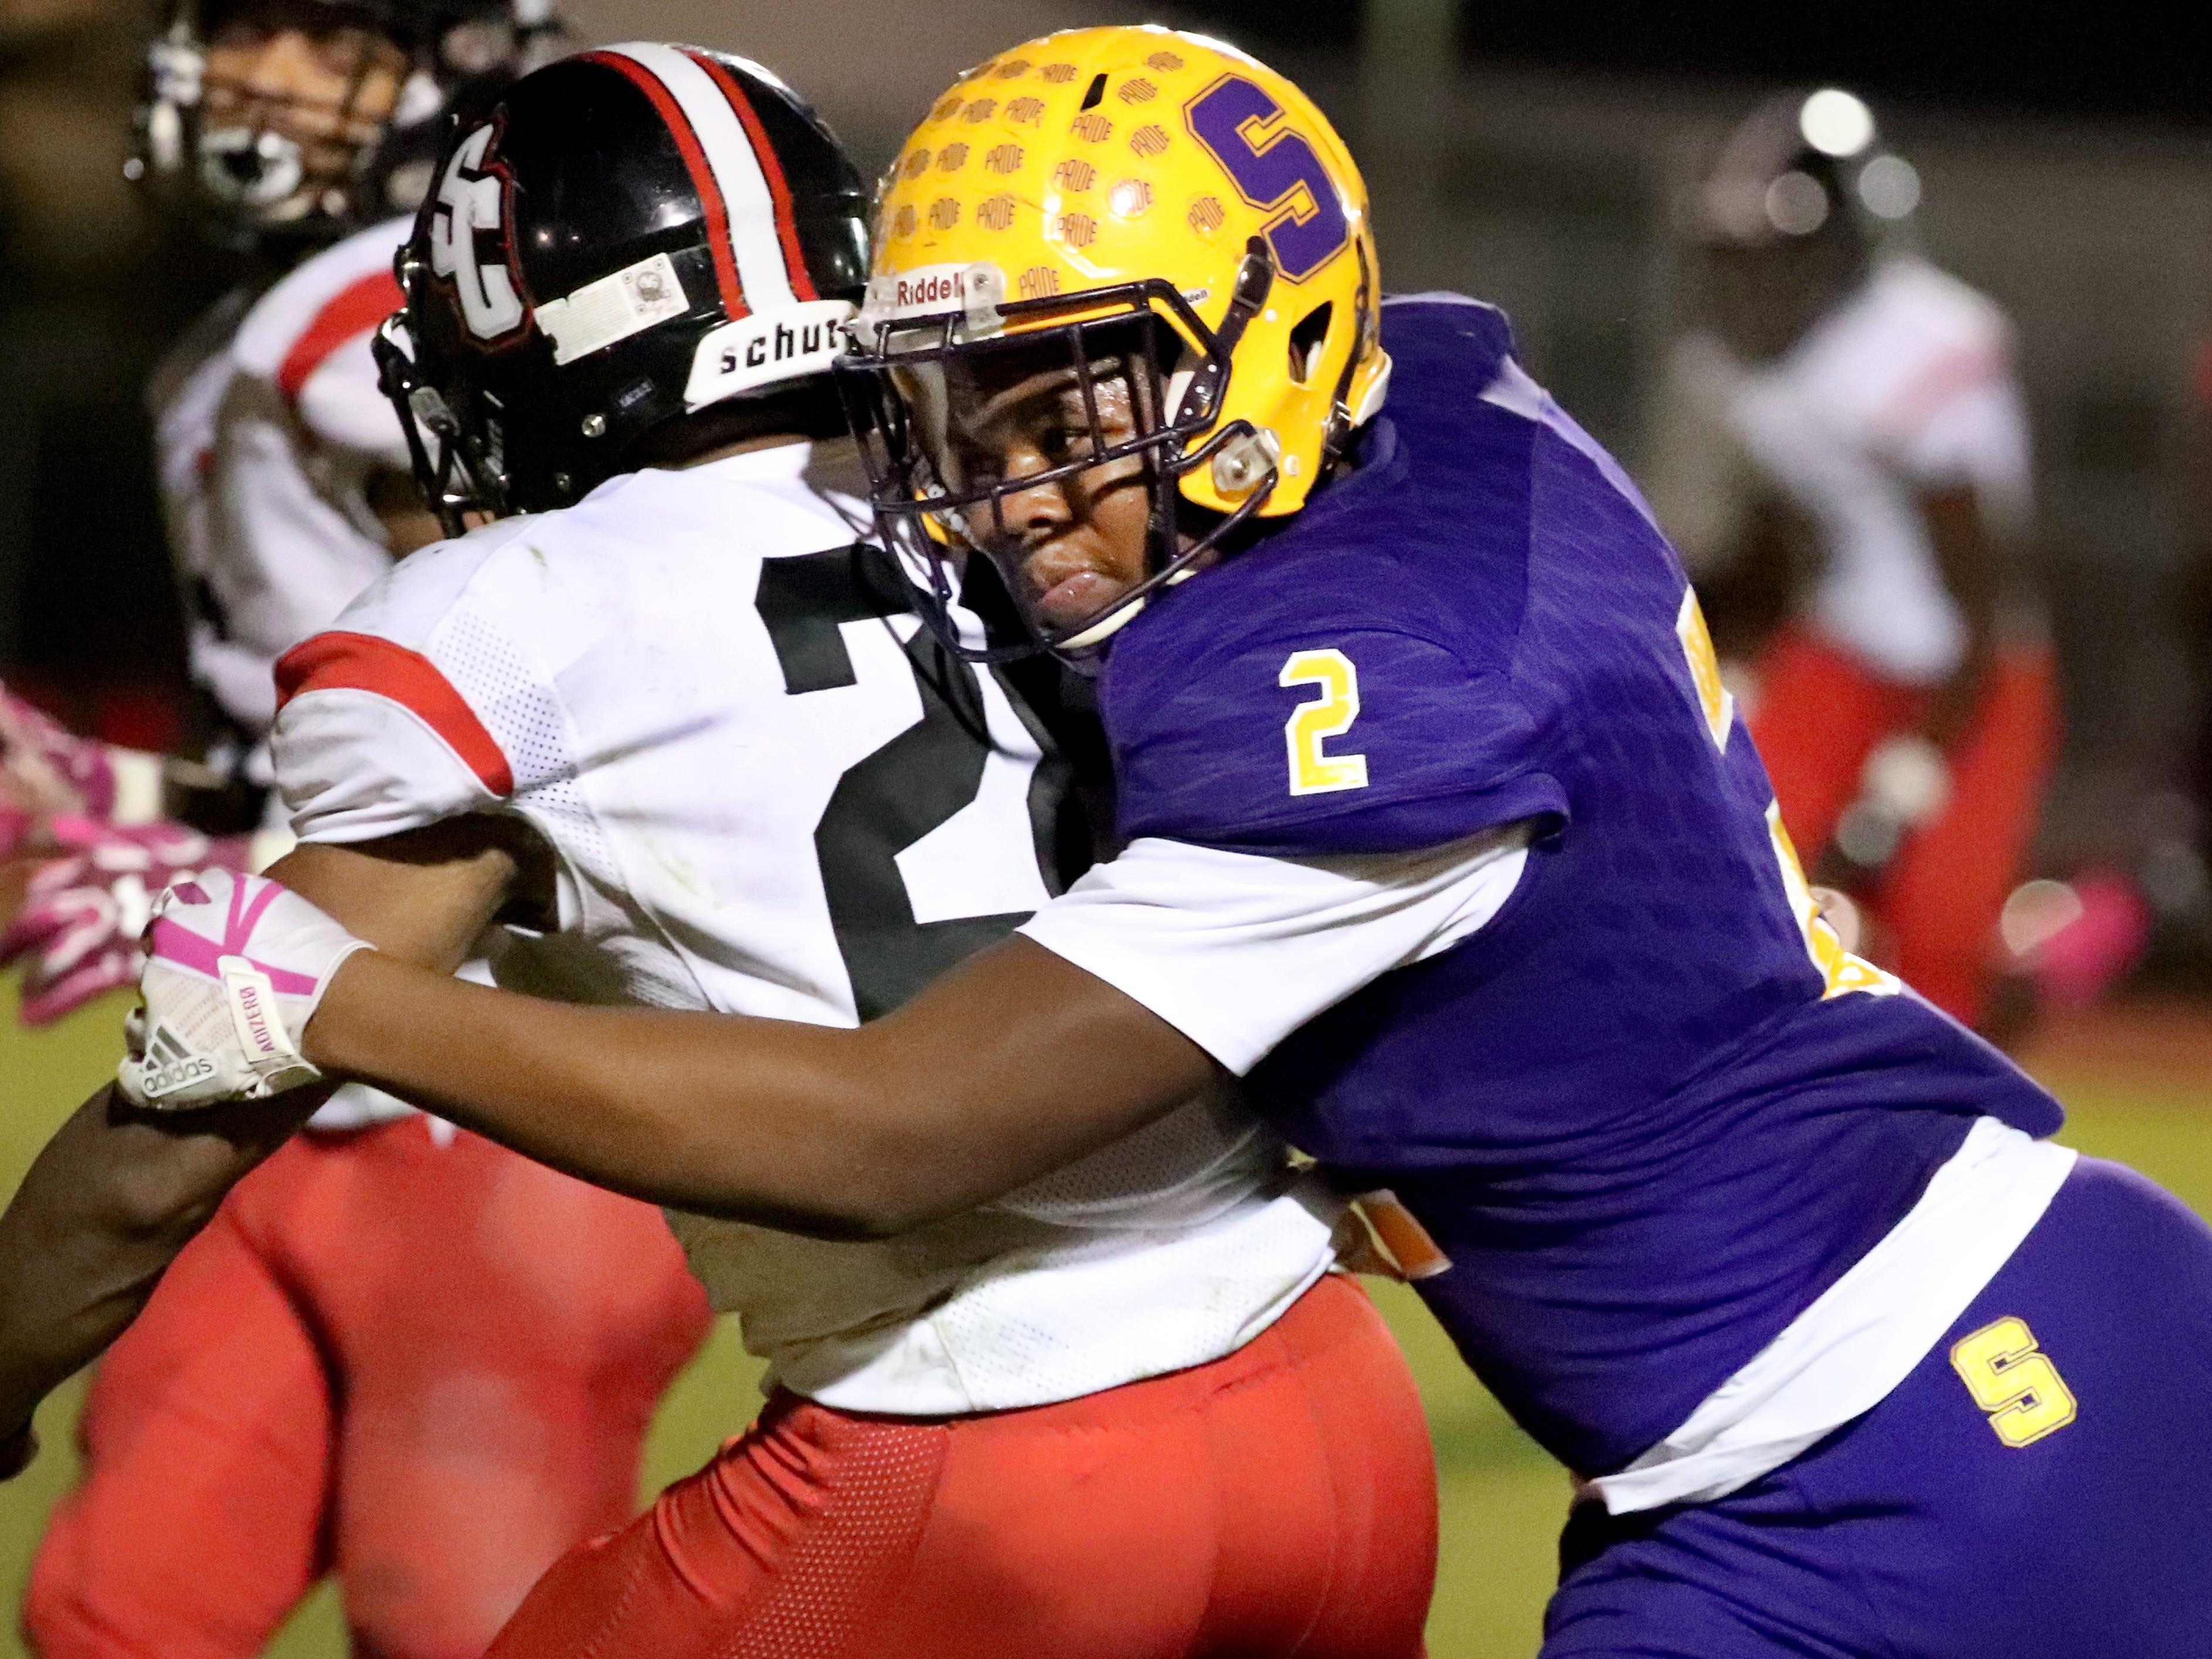 Smyrna's Kobe Okeke (2) tackles and stops Stewarts Creek's Nathan Wright (28) at Smyrna High School on Friday, Oct. 12, 2018.